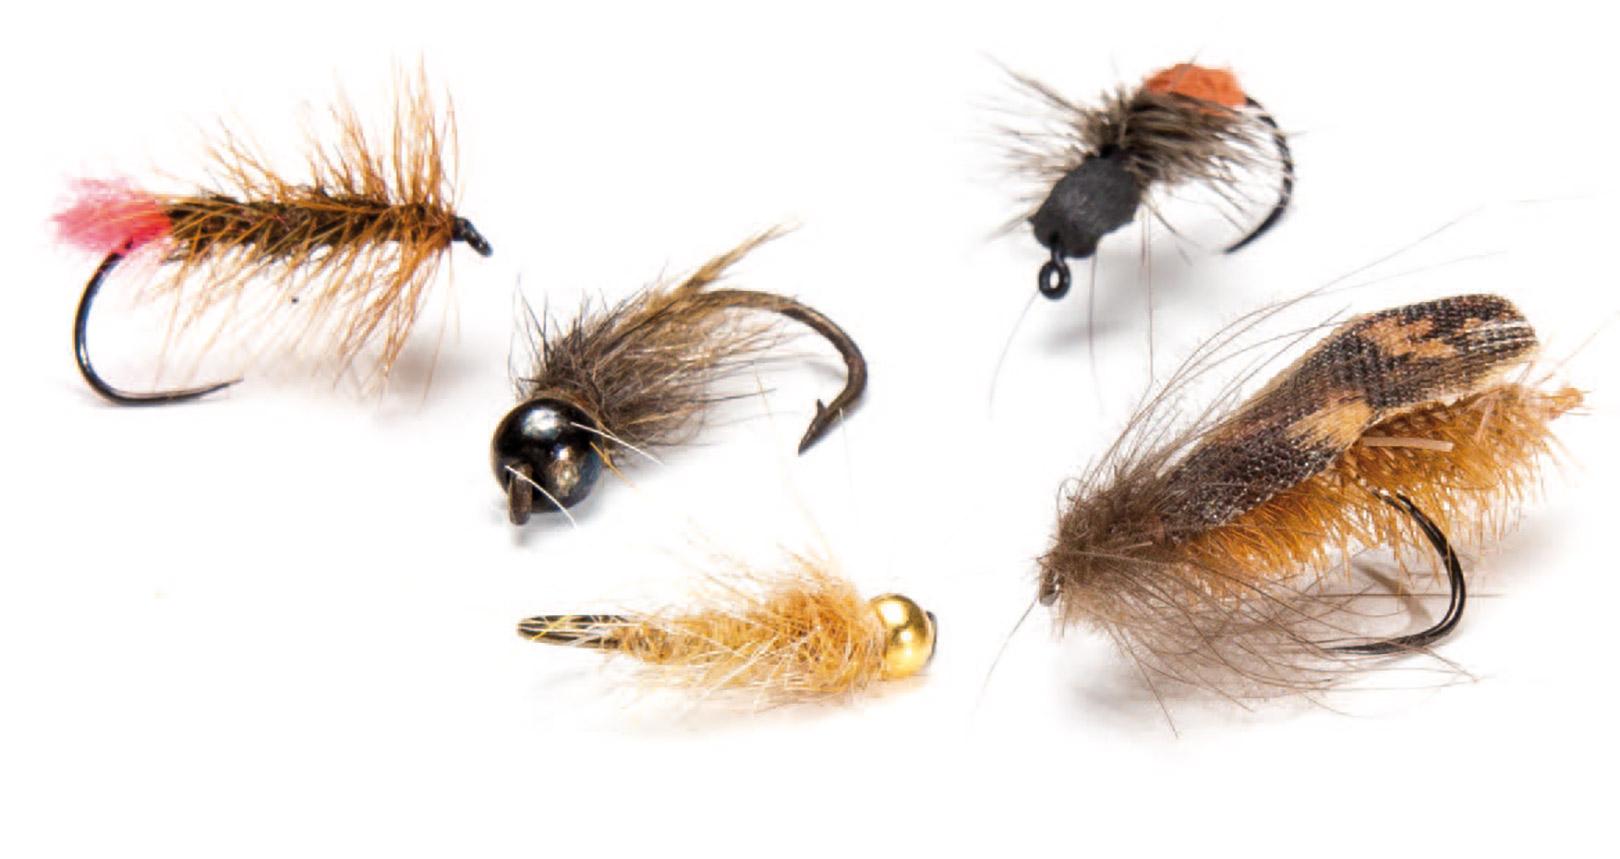 Et udvalg af velfangende fluer til området. Stallingerne er sjældent selektive, men ørrederne vil gerne have noget, der ligner, hvis de skal stige til tørt. Med et udvalg af »tørre« vårfluer, lidt flyvemyrer samt nogle nymfer og streamers i forskellige størrelser, er du godt dækket ind.